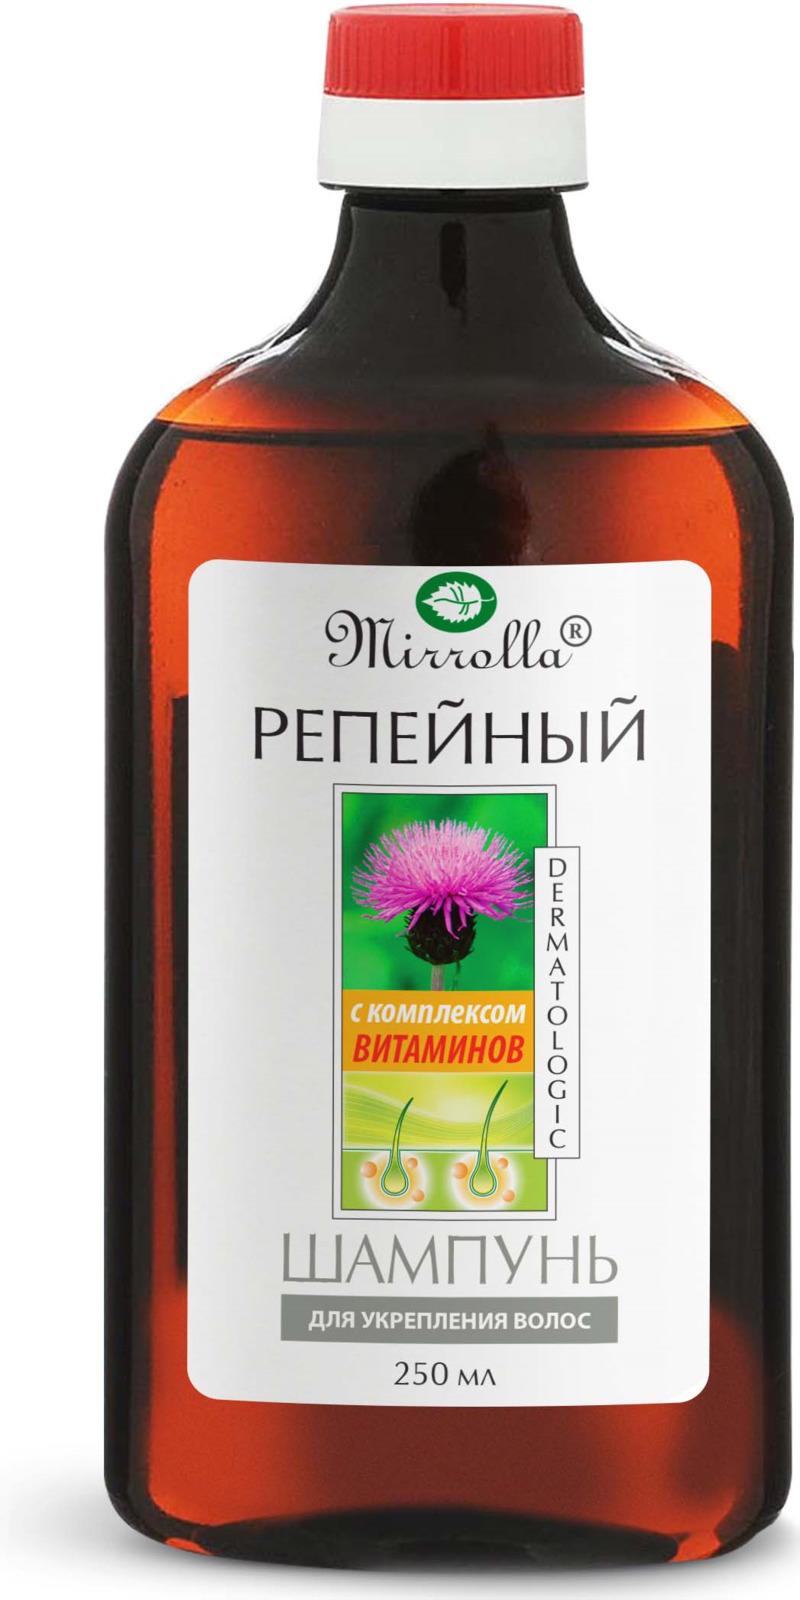 Мирролла Шампунь репейный с комплексом витаминов для укрепления волос 250 мл